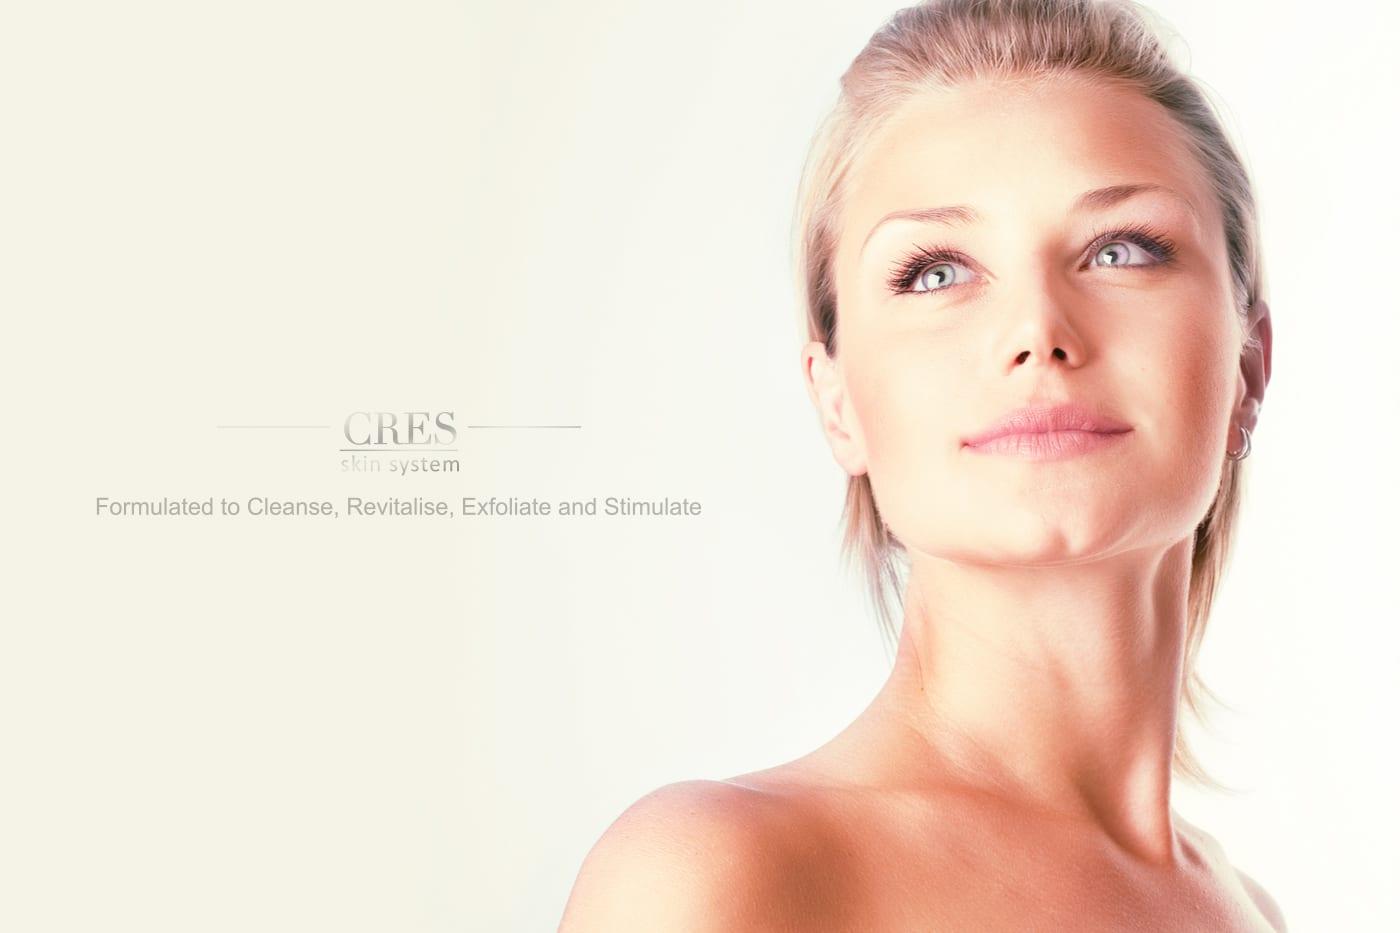 CRES System for complete Facial rejuvenation